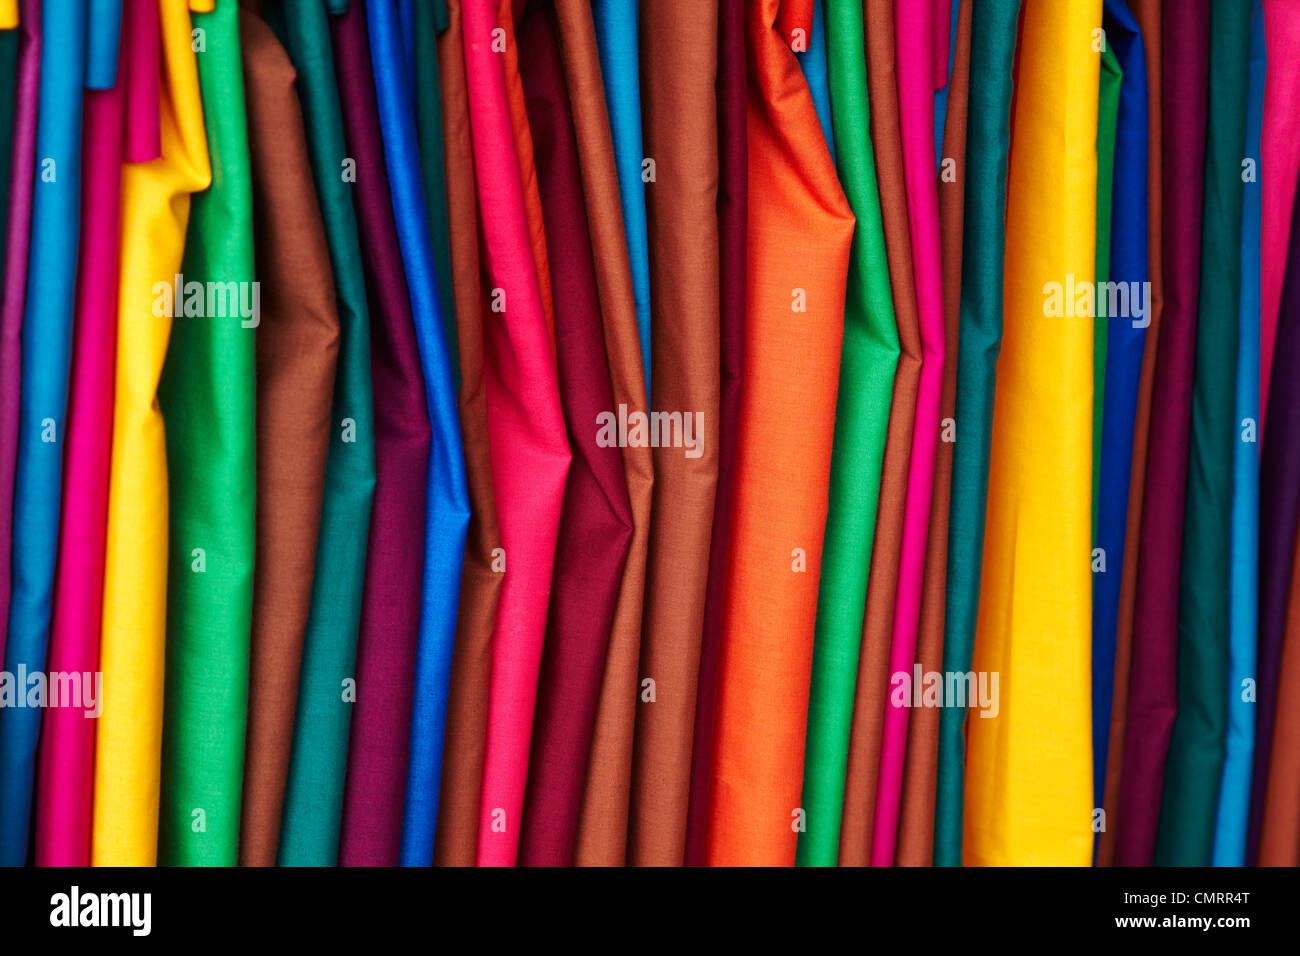 Matériau de couleur vive, à Suva, marché aux puces, Suva, Viti Levu, Fidji, Pacifique Sud Photo Stock